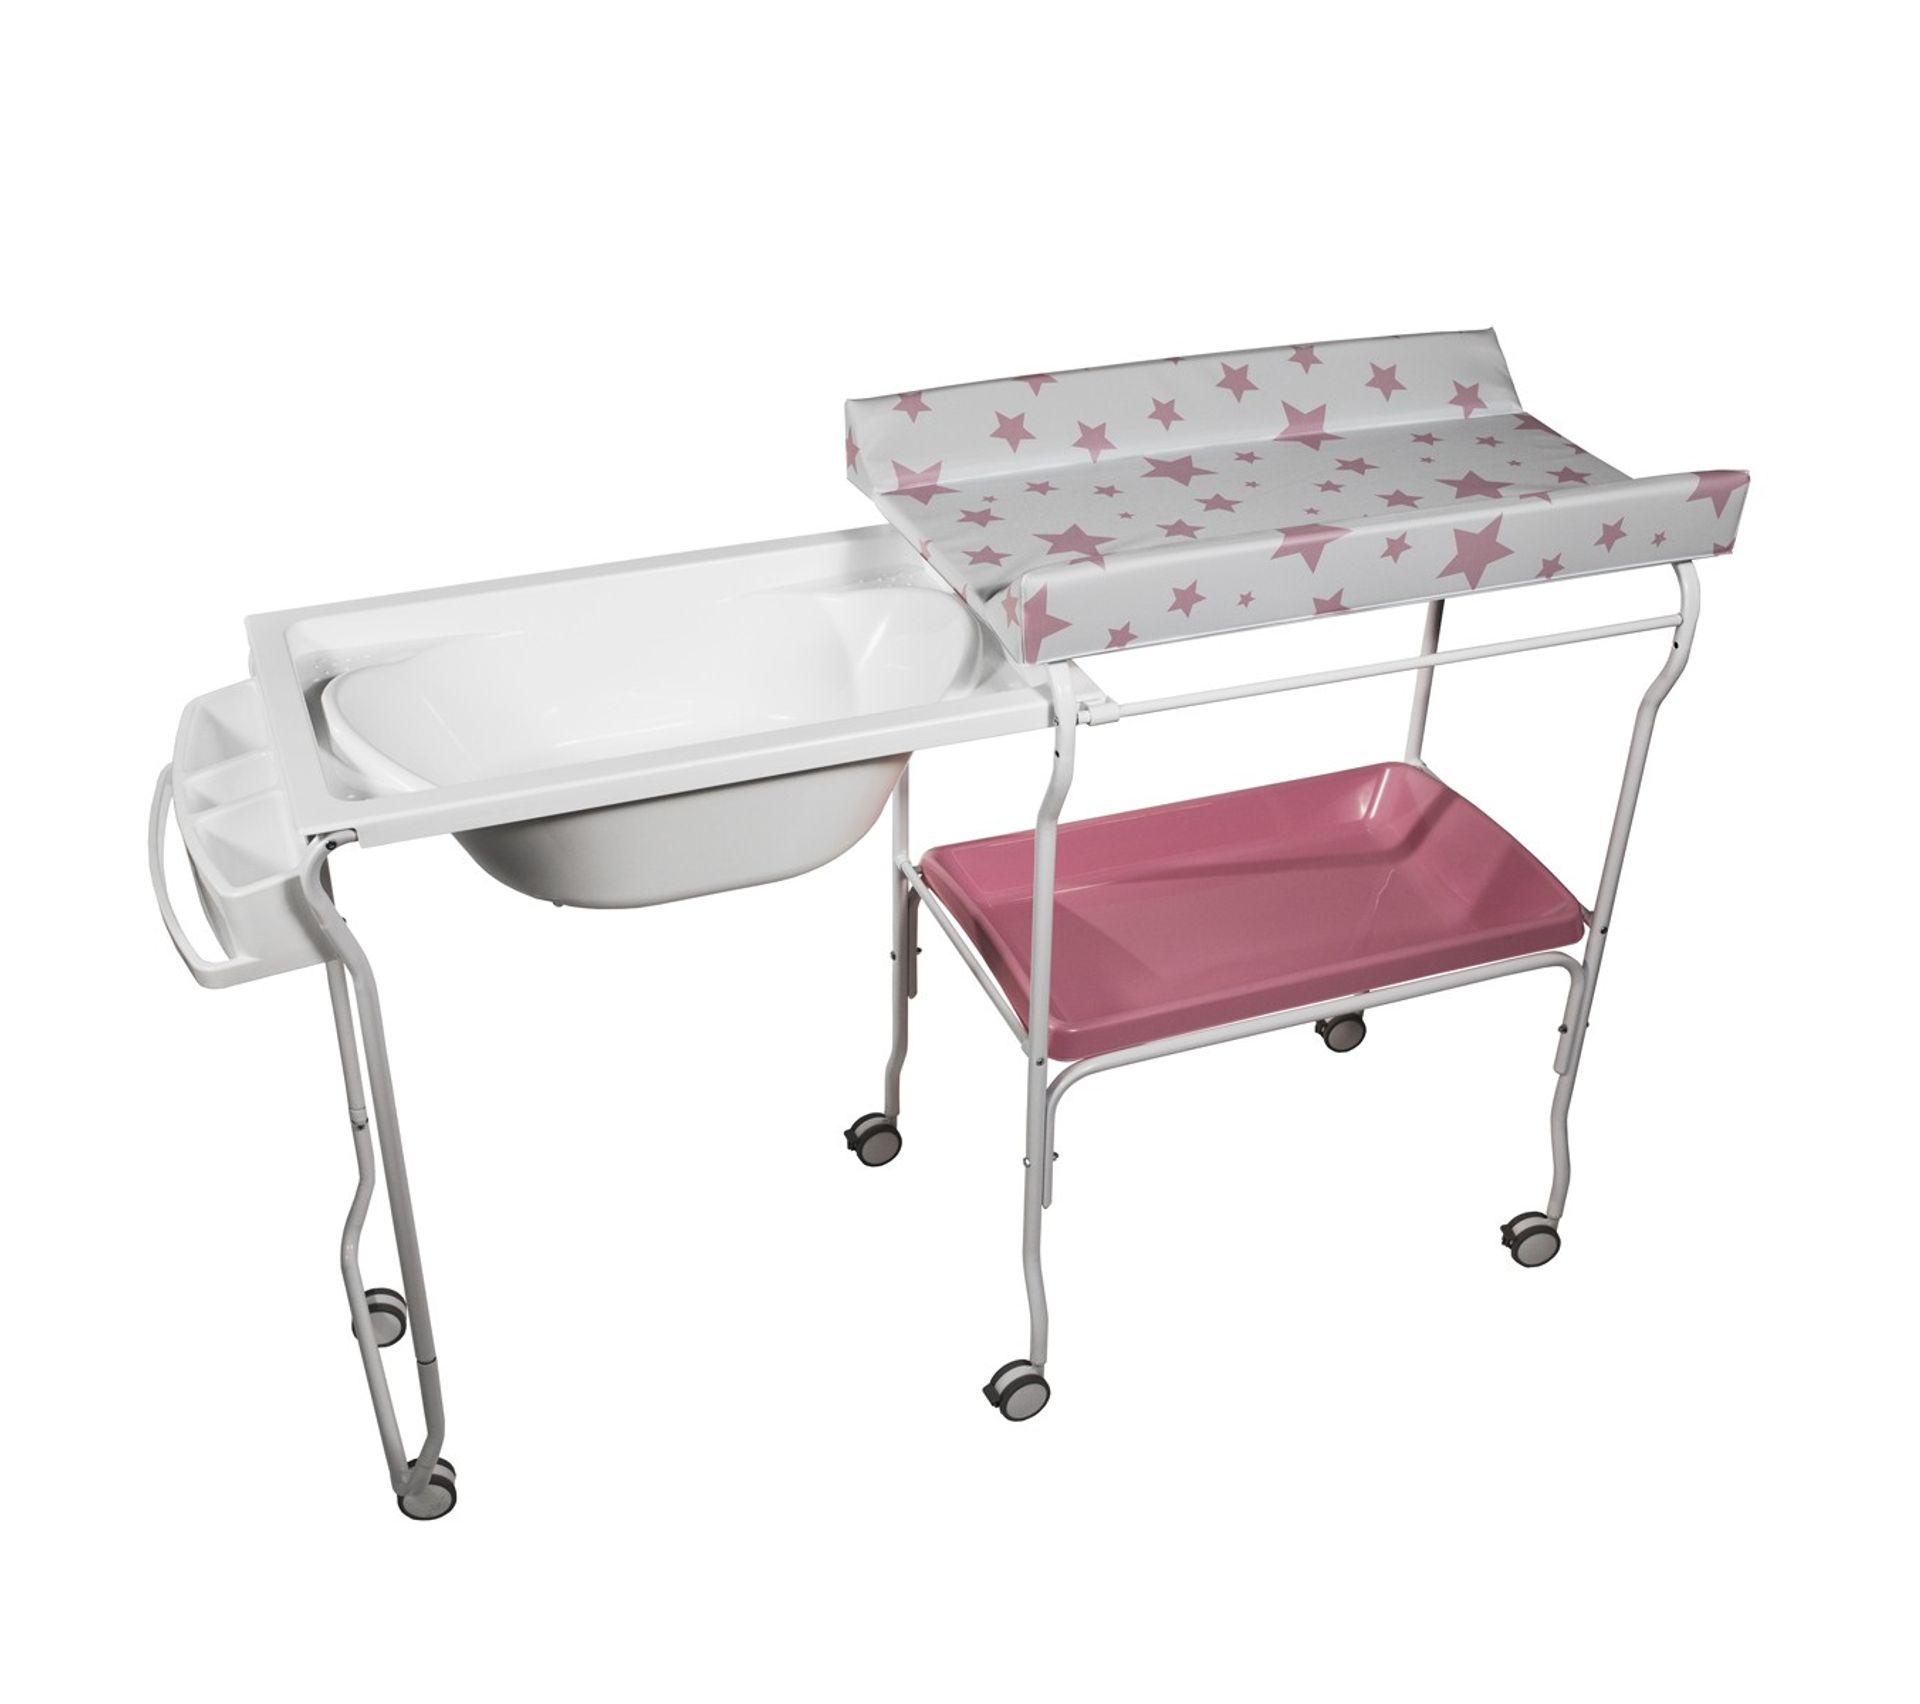 Mettre Des Roulettes Sous Une Table liv baignoire table À langer chariot sur roulettes rose motif Étoile